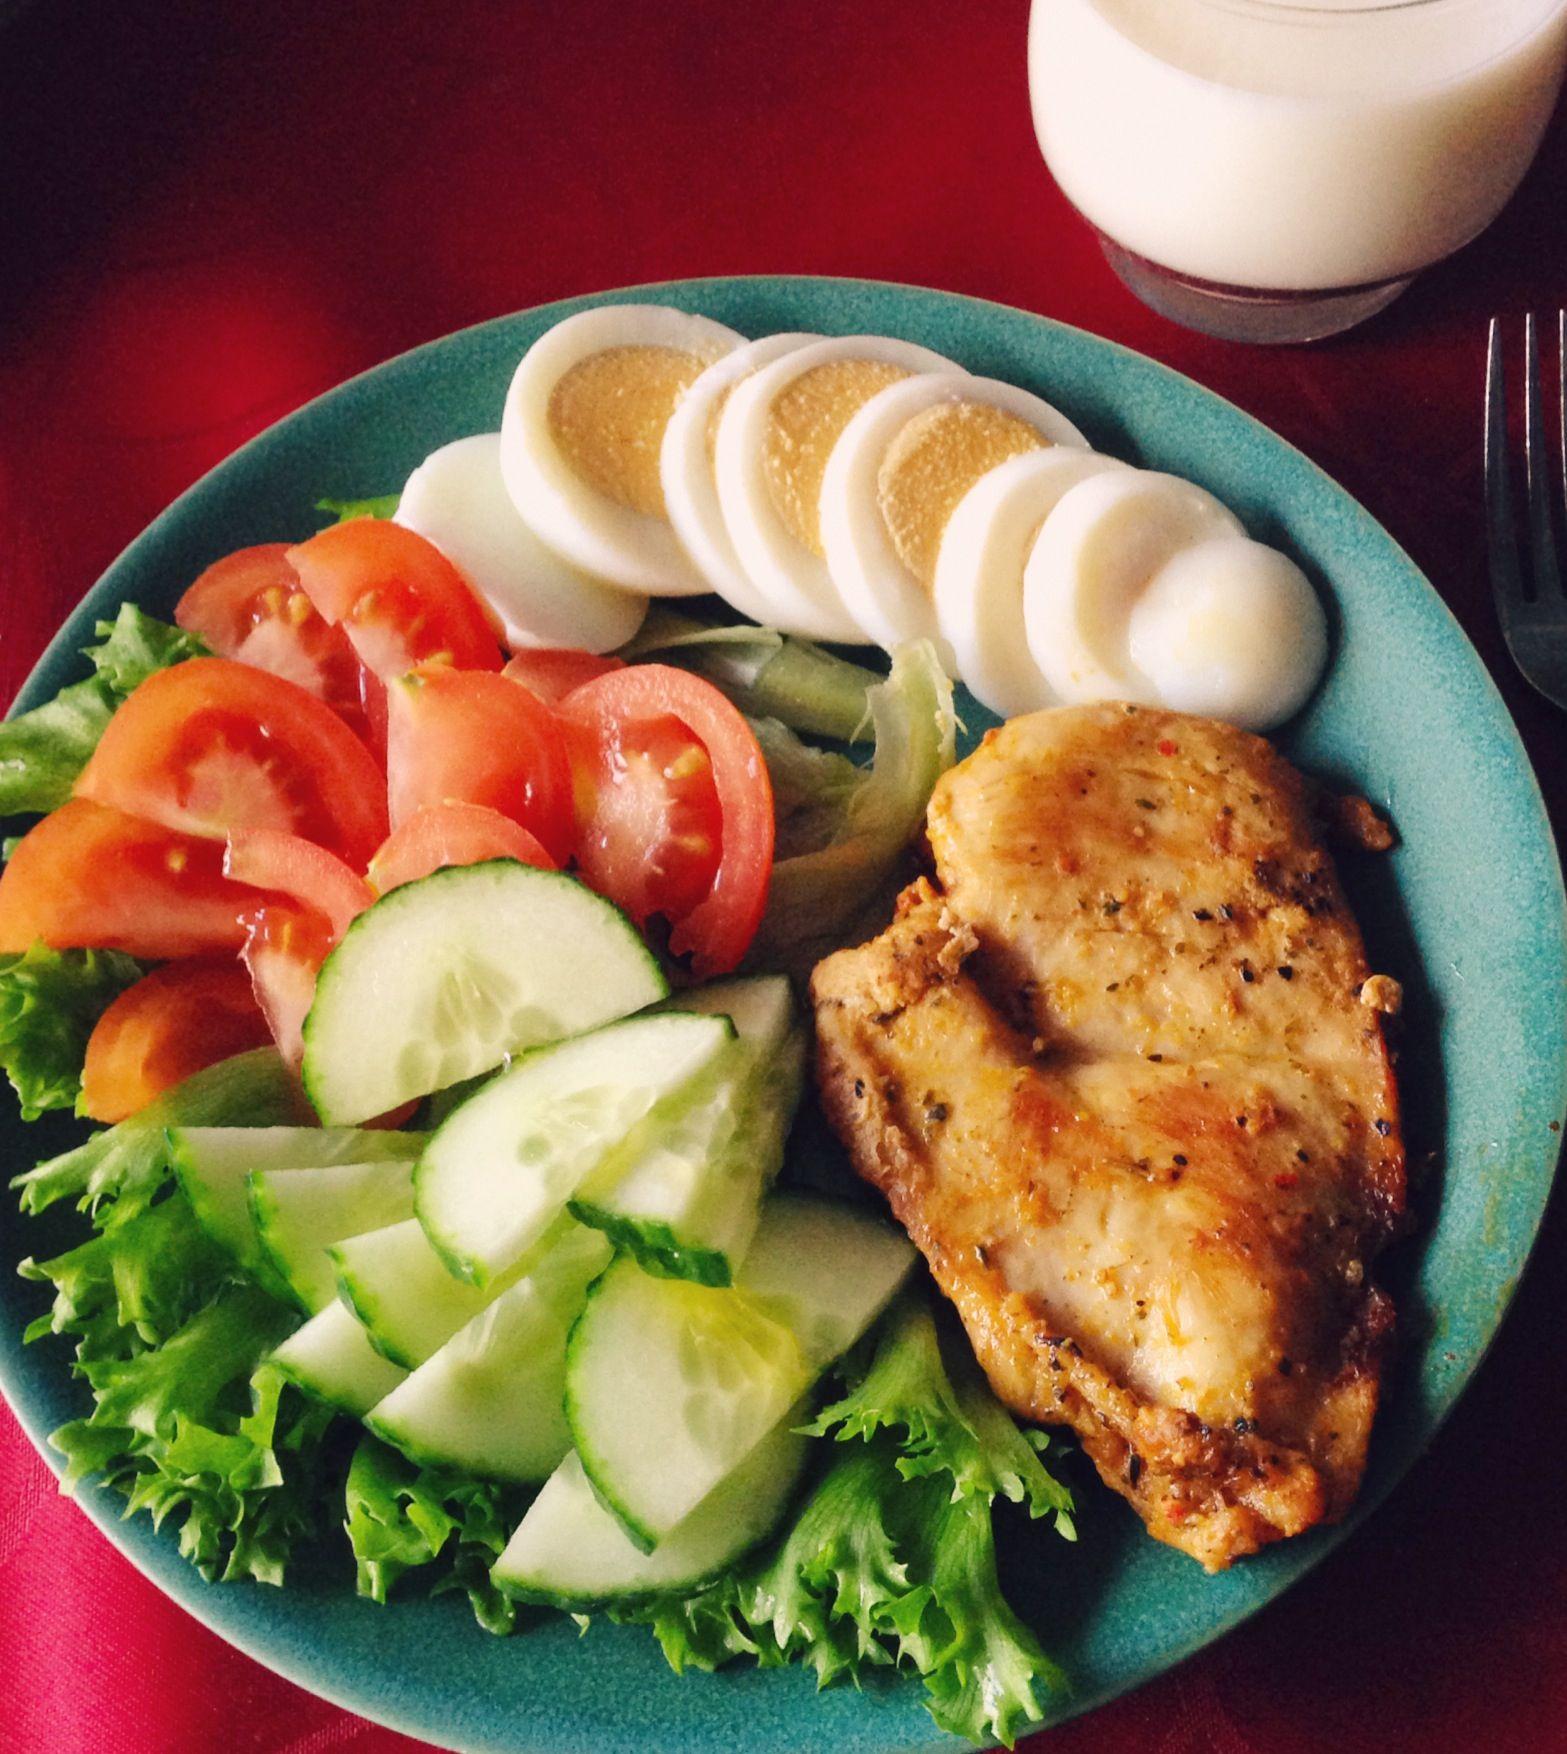 Pin De Mackencievargas En Food Comida Saludable Ensaladas Comida Saludable Comida